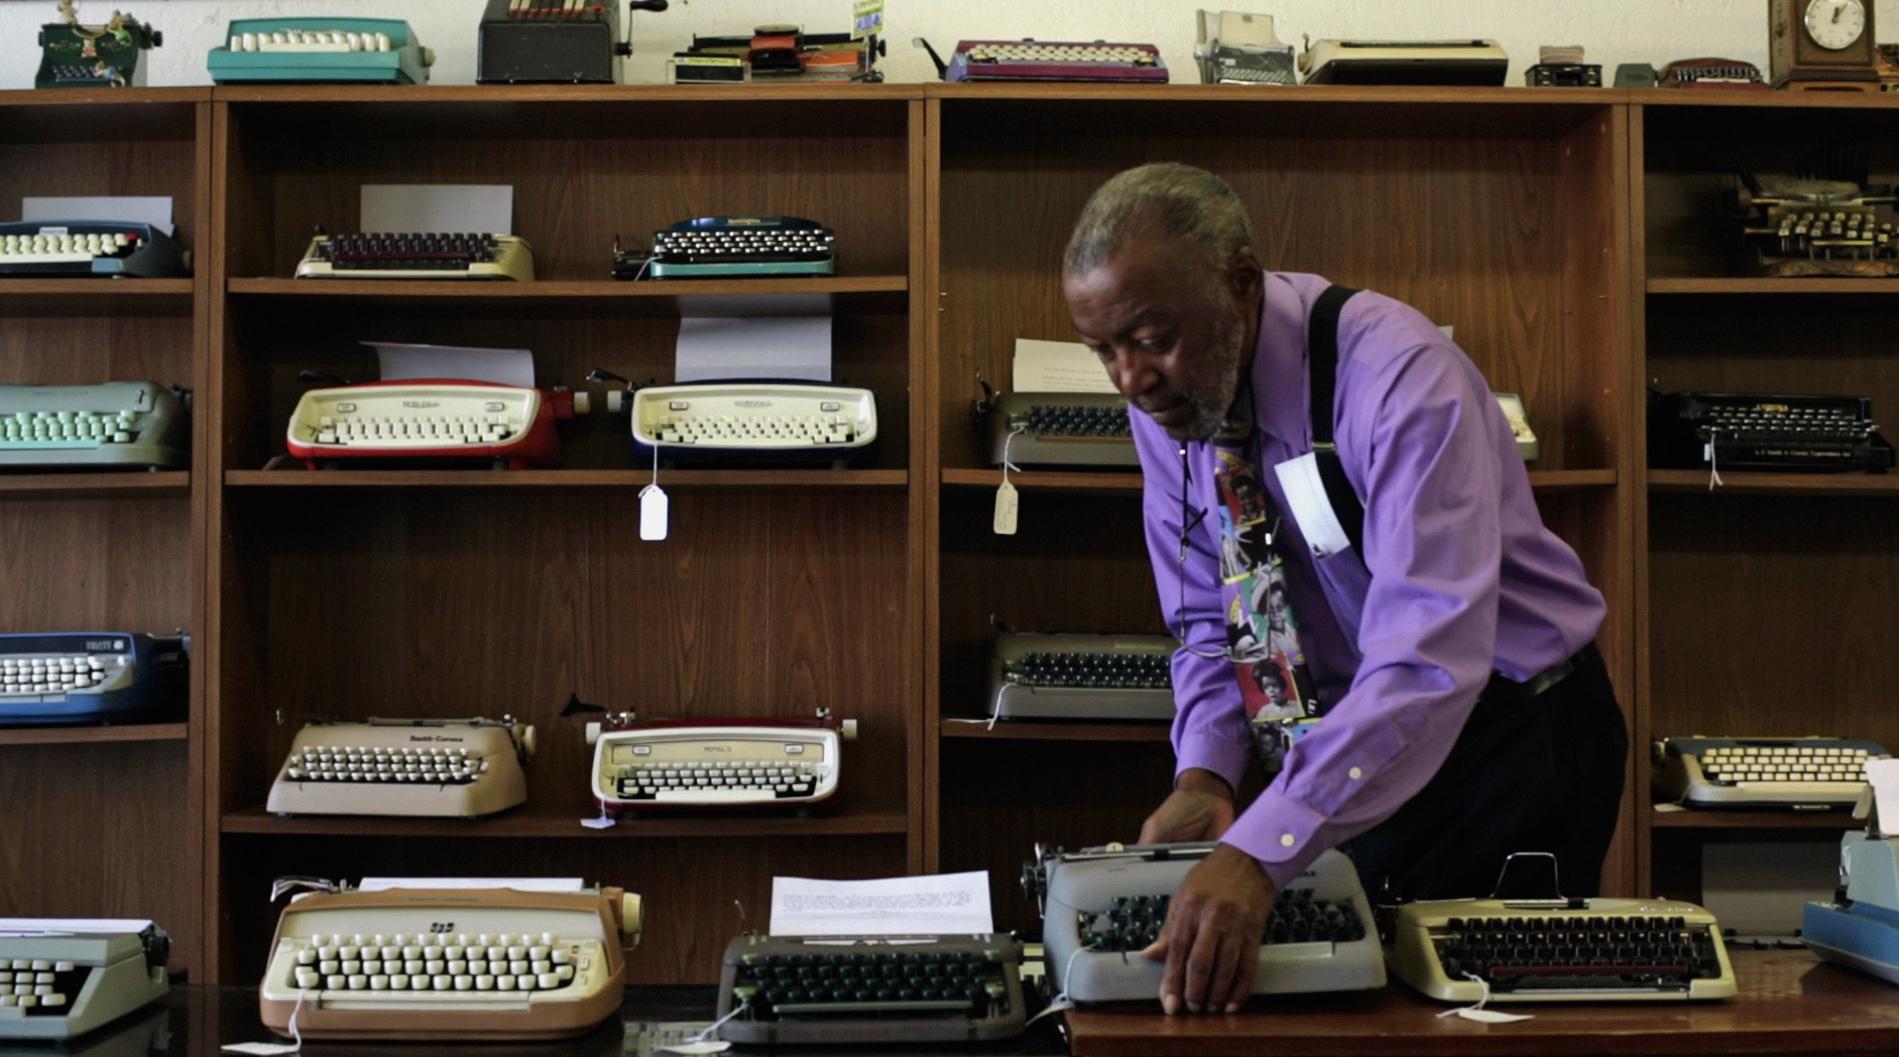 Herb Permillion at California Typewriter